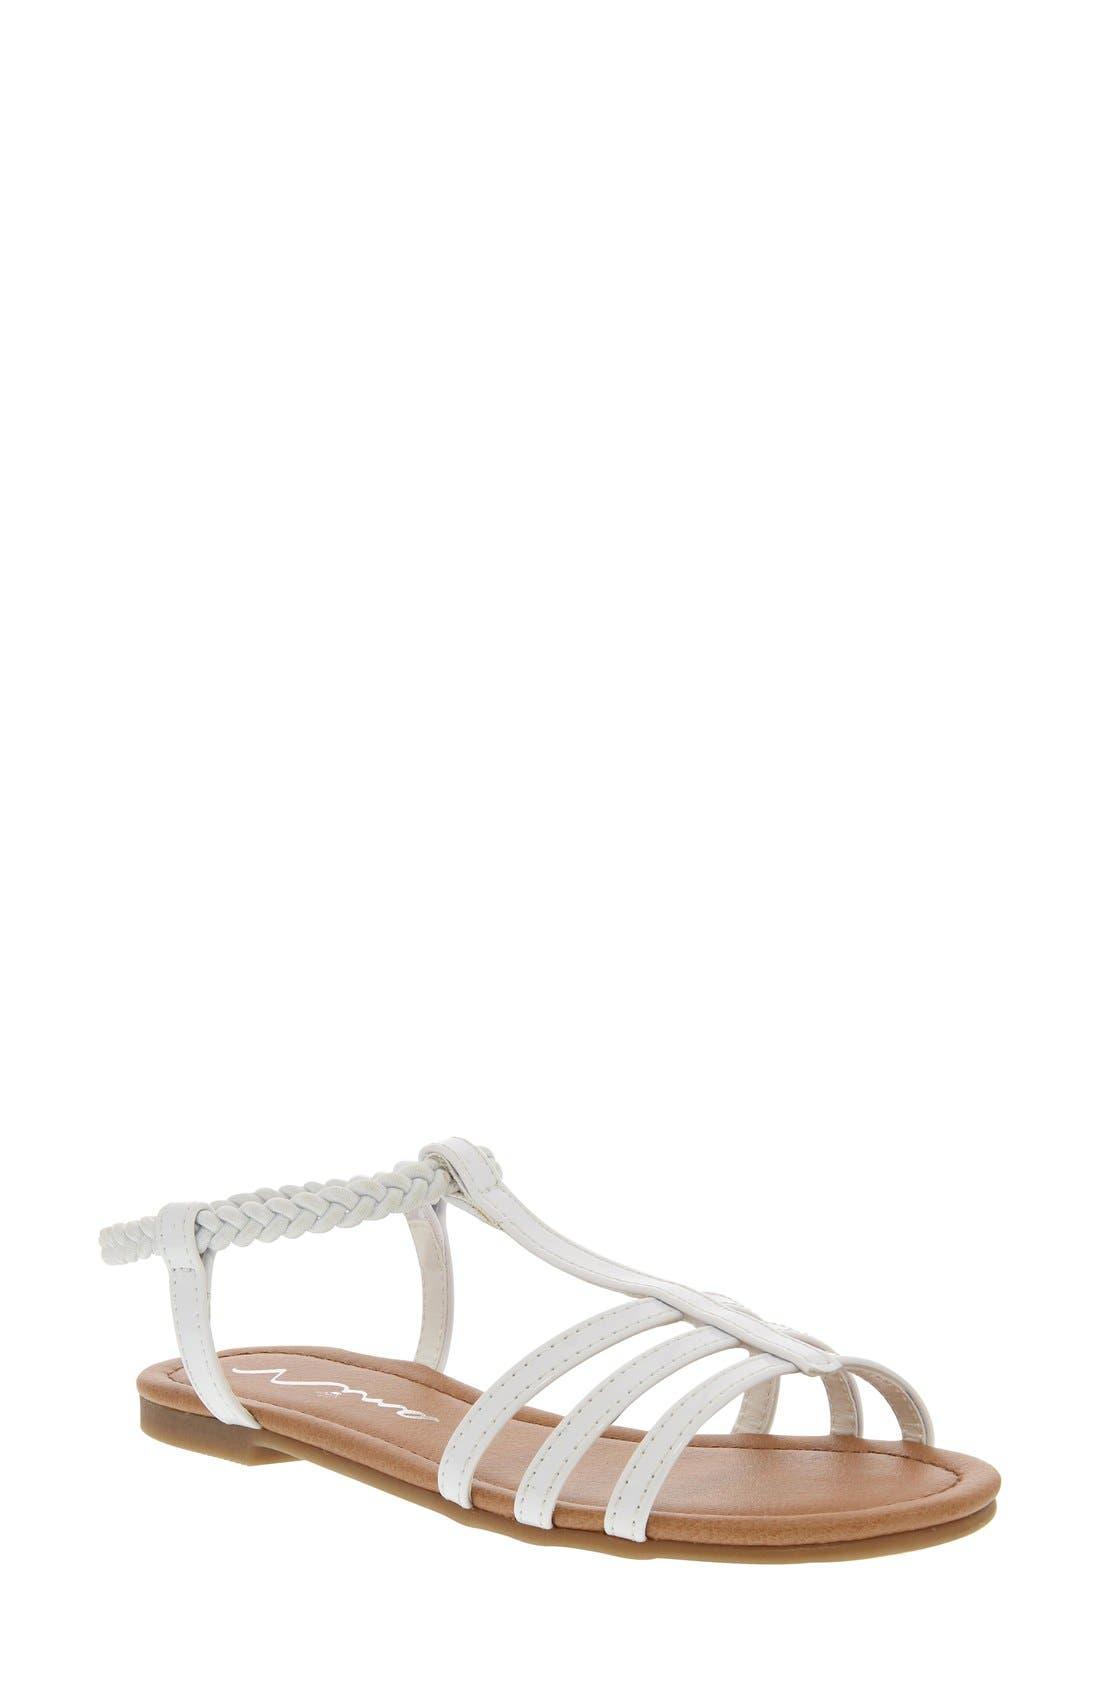 'Melvie' Sandal,                         Main,                         color, WHITE